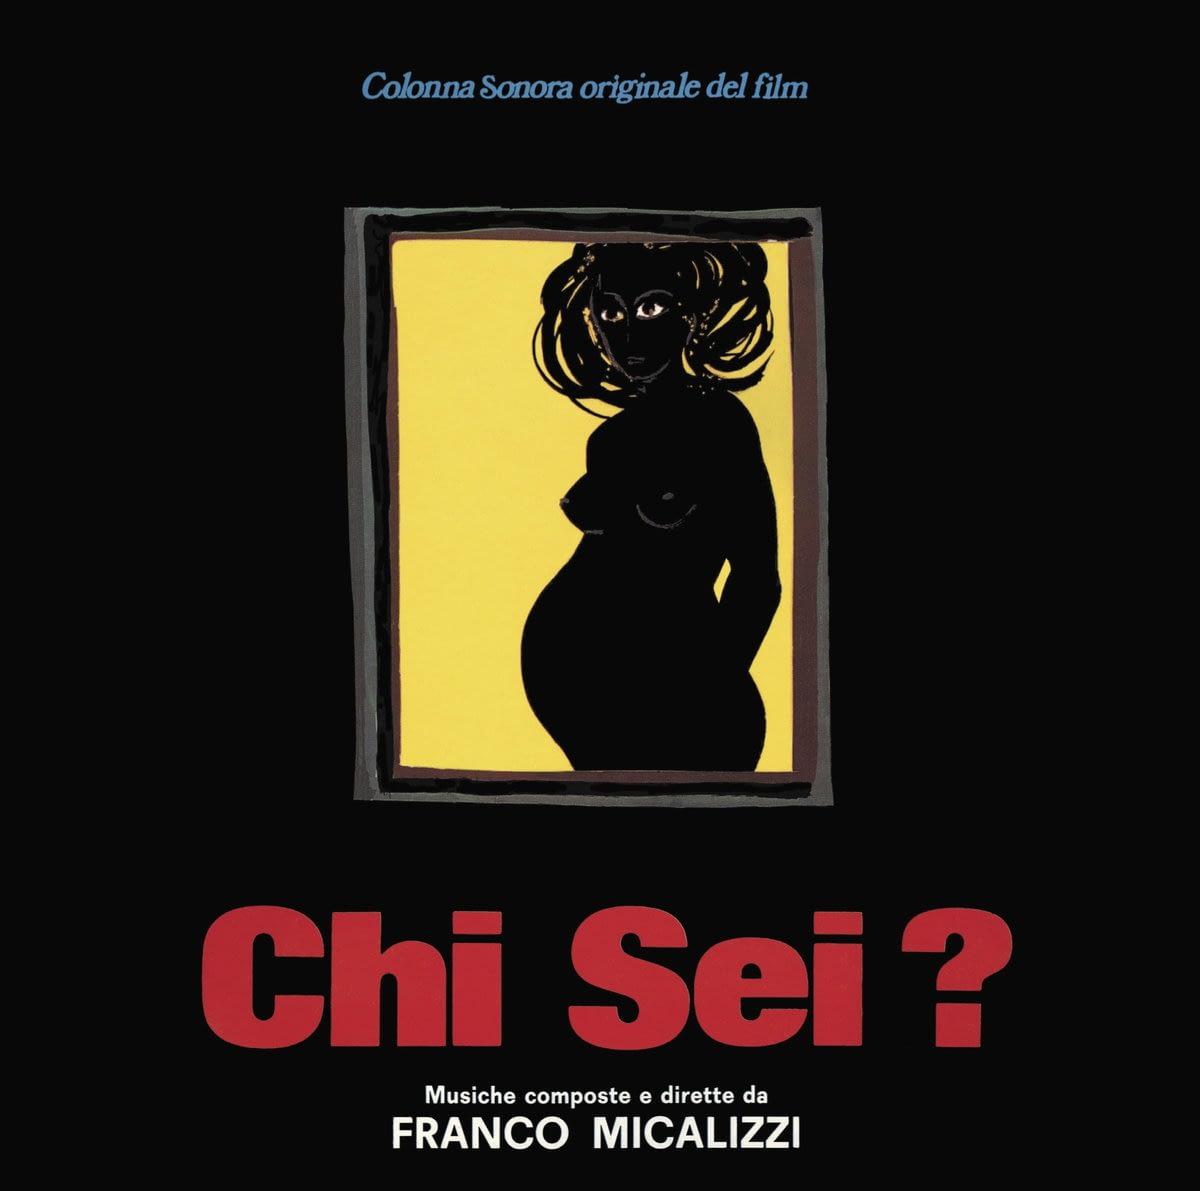 """Экспериментальный саундтрек к итальянскому хоррору """"За дверью"""" получил расширенное виниловое переиздание"""